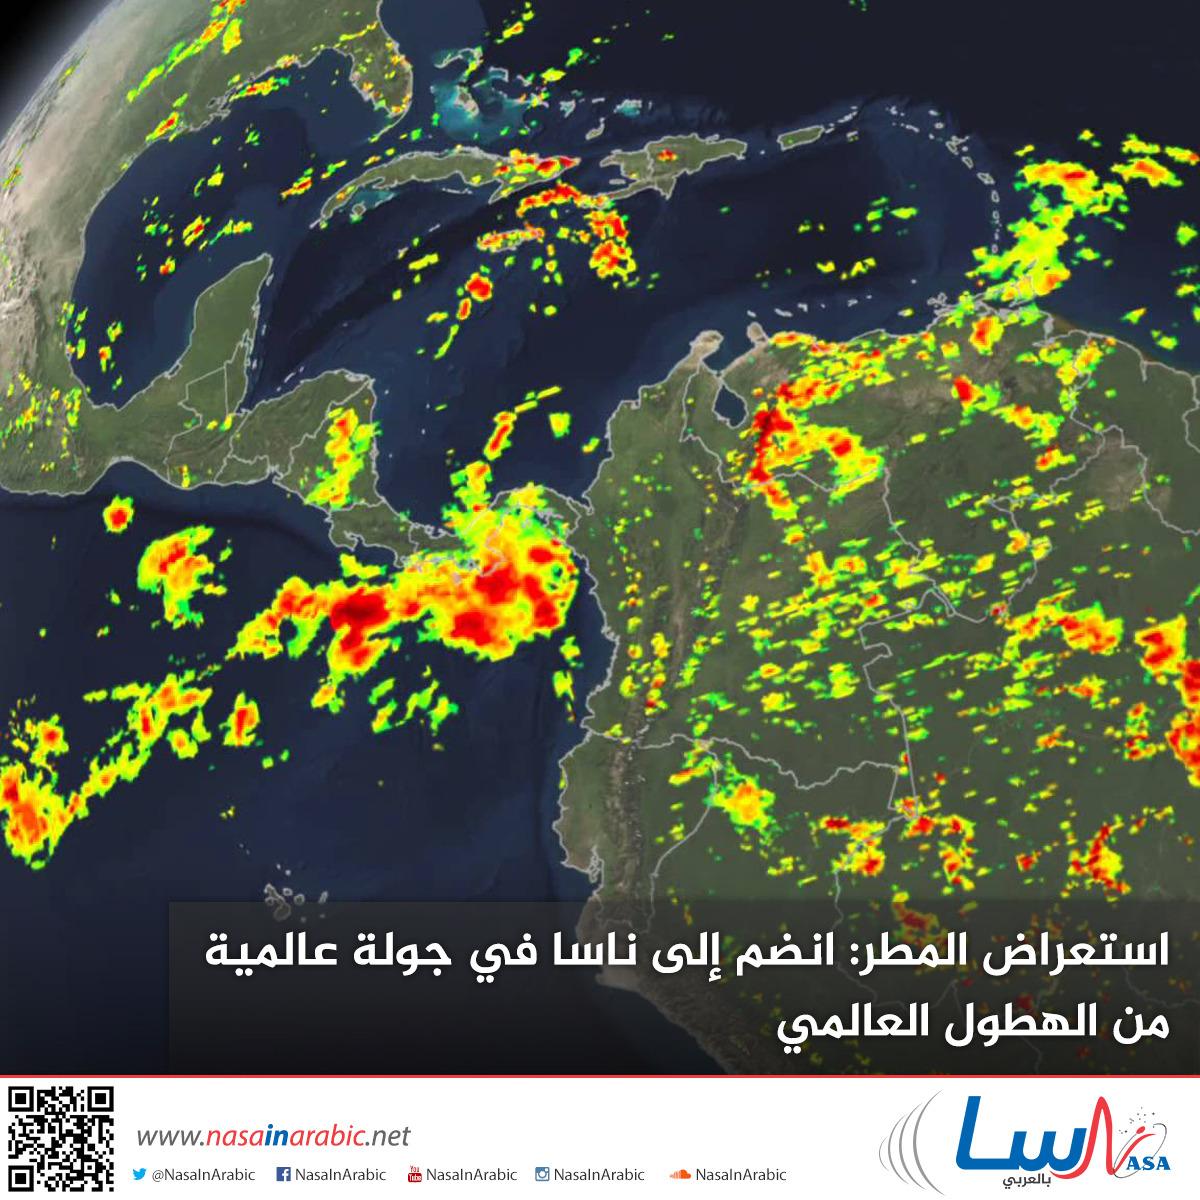 استعراض المطر: انضم إلى ناسا في جولة عالمية من الهطول العالمي